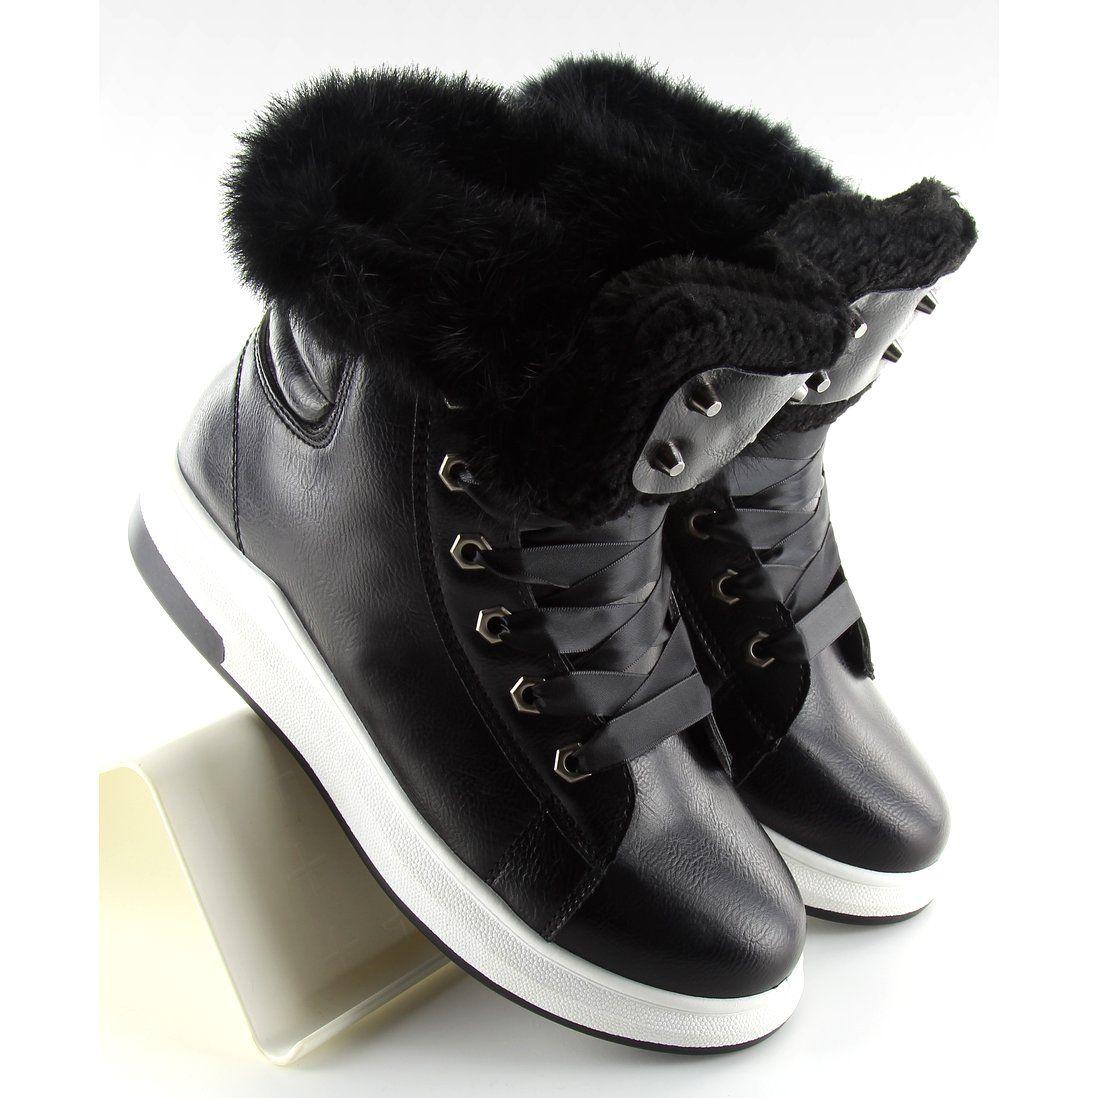 Sportowe Damskie Obuwiedamskie Czarne Ocieplane Buty Sportowe Kb 039 Black Obuwie Damskie Wedge Sneaker High Top Sneakers Top Sneakers